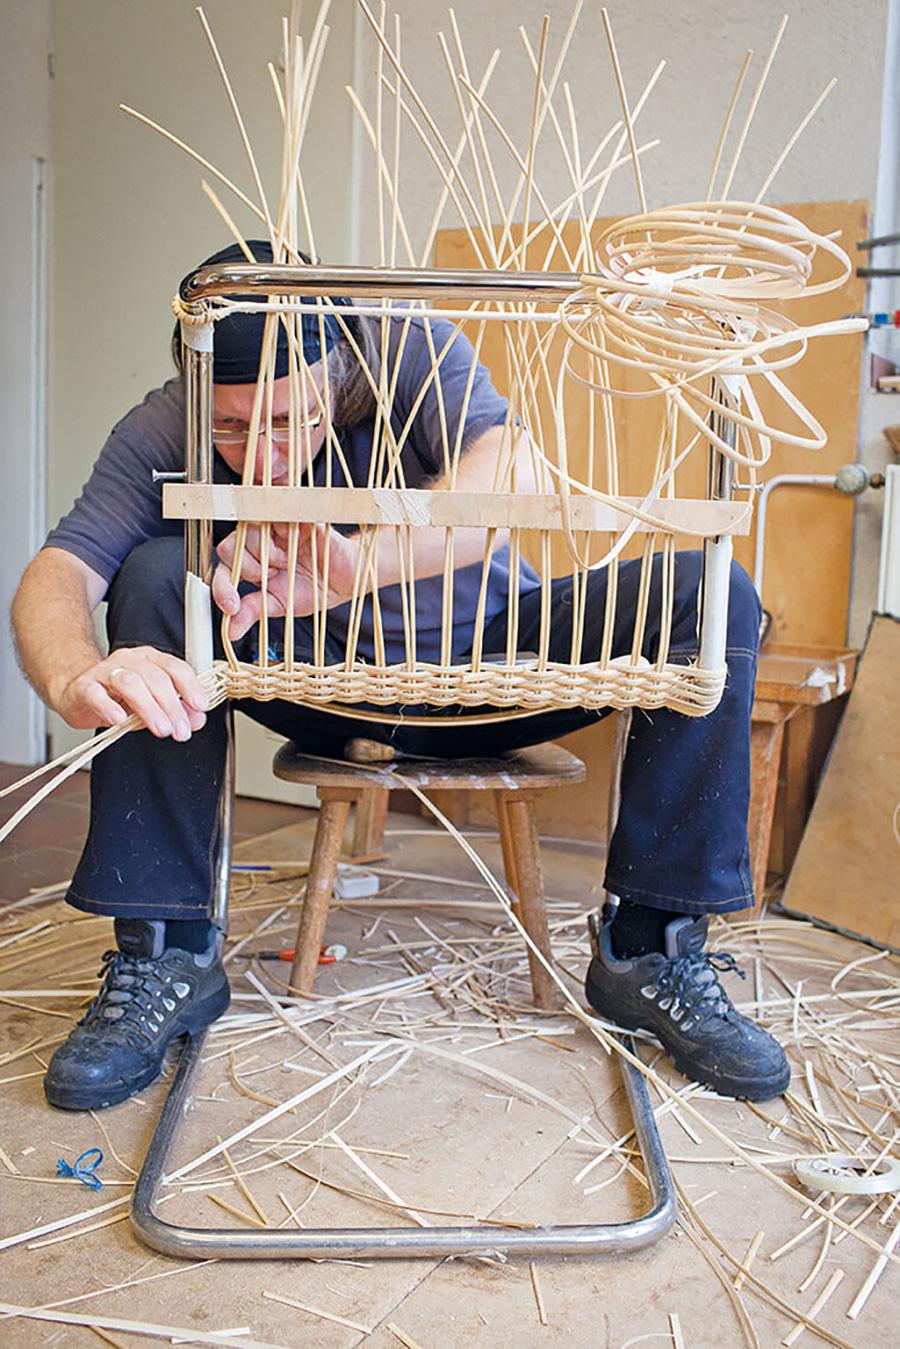 ドイツ国内にわずかに残るマイスターによる手編み。